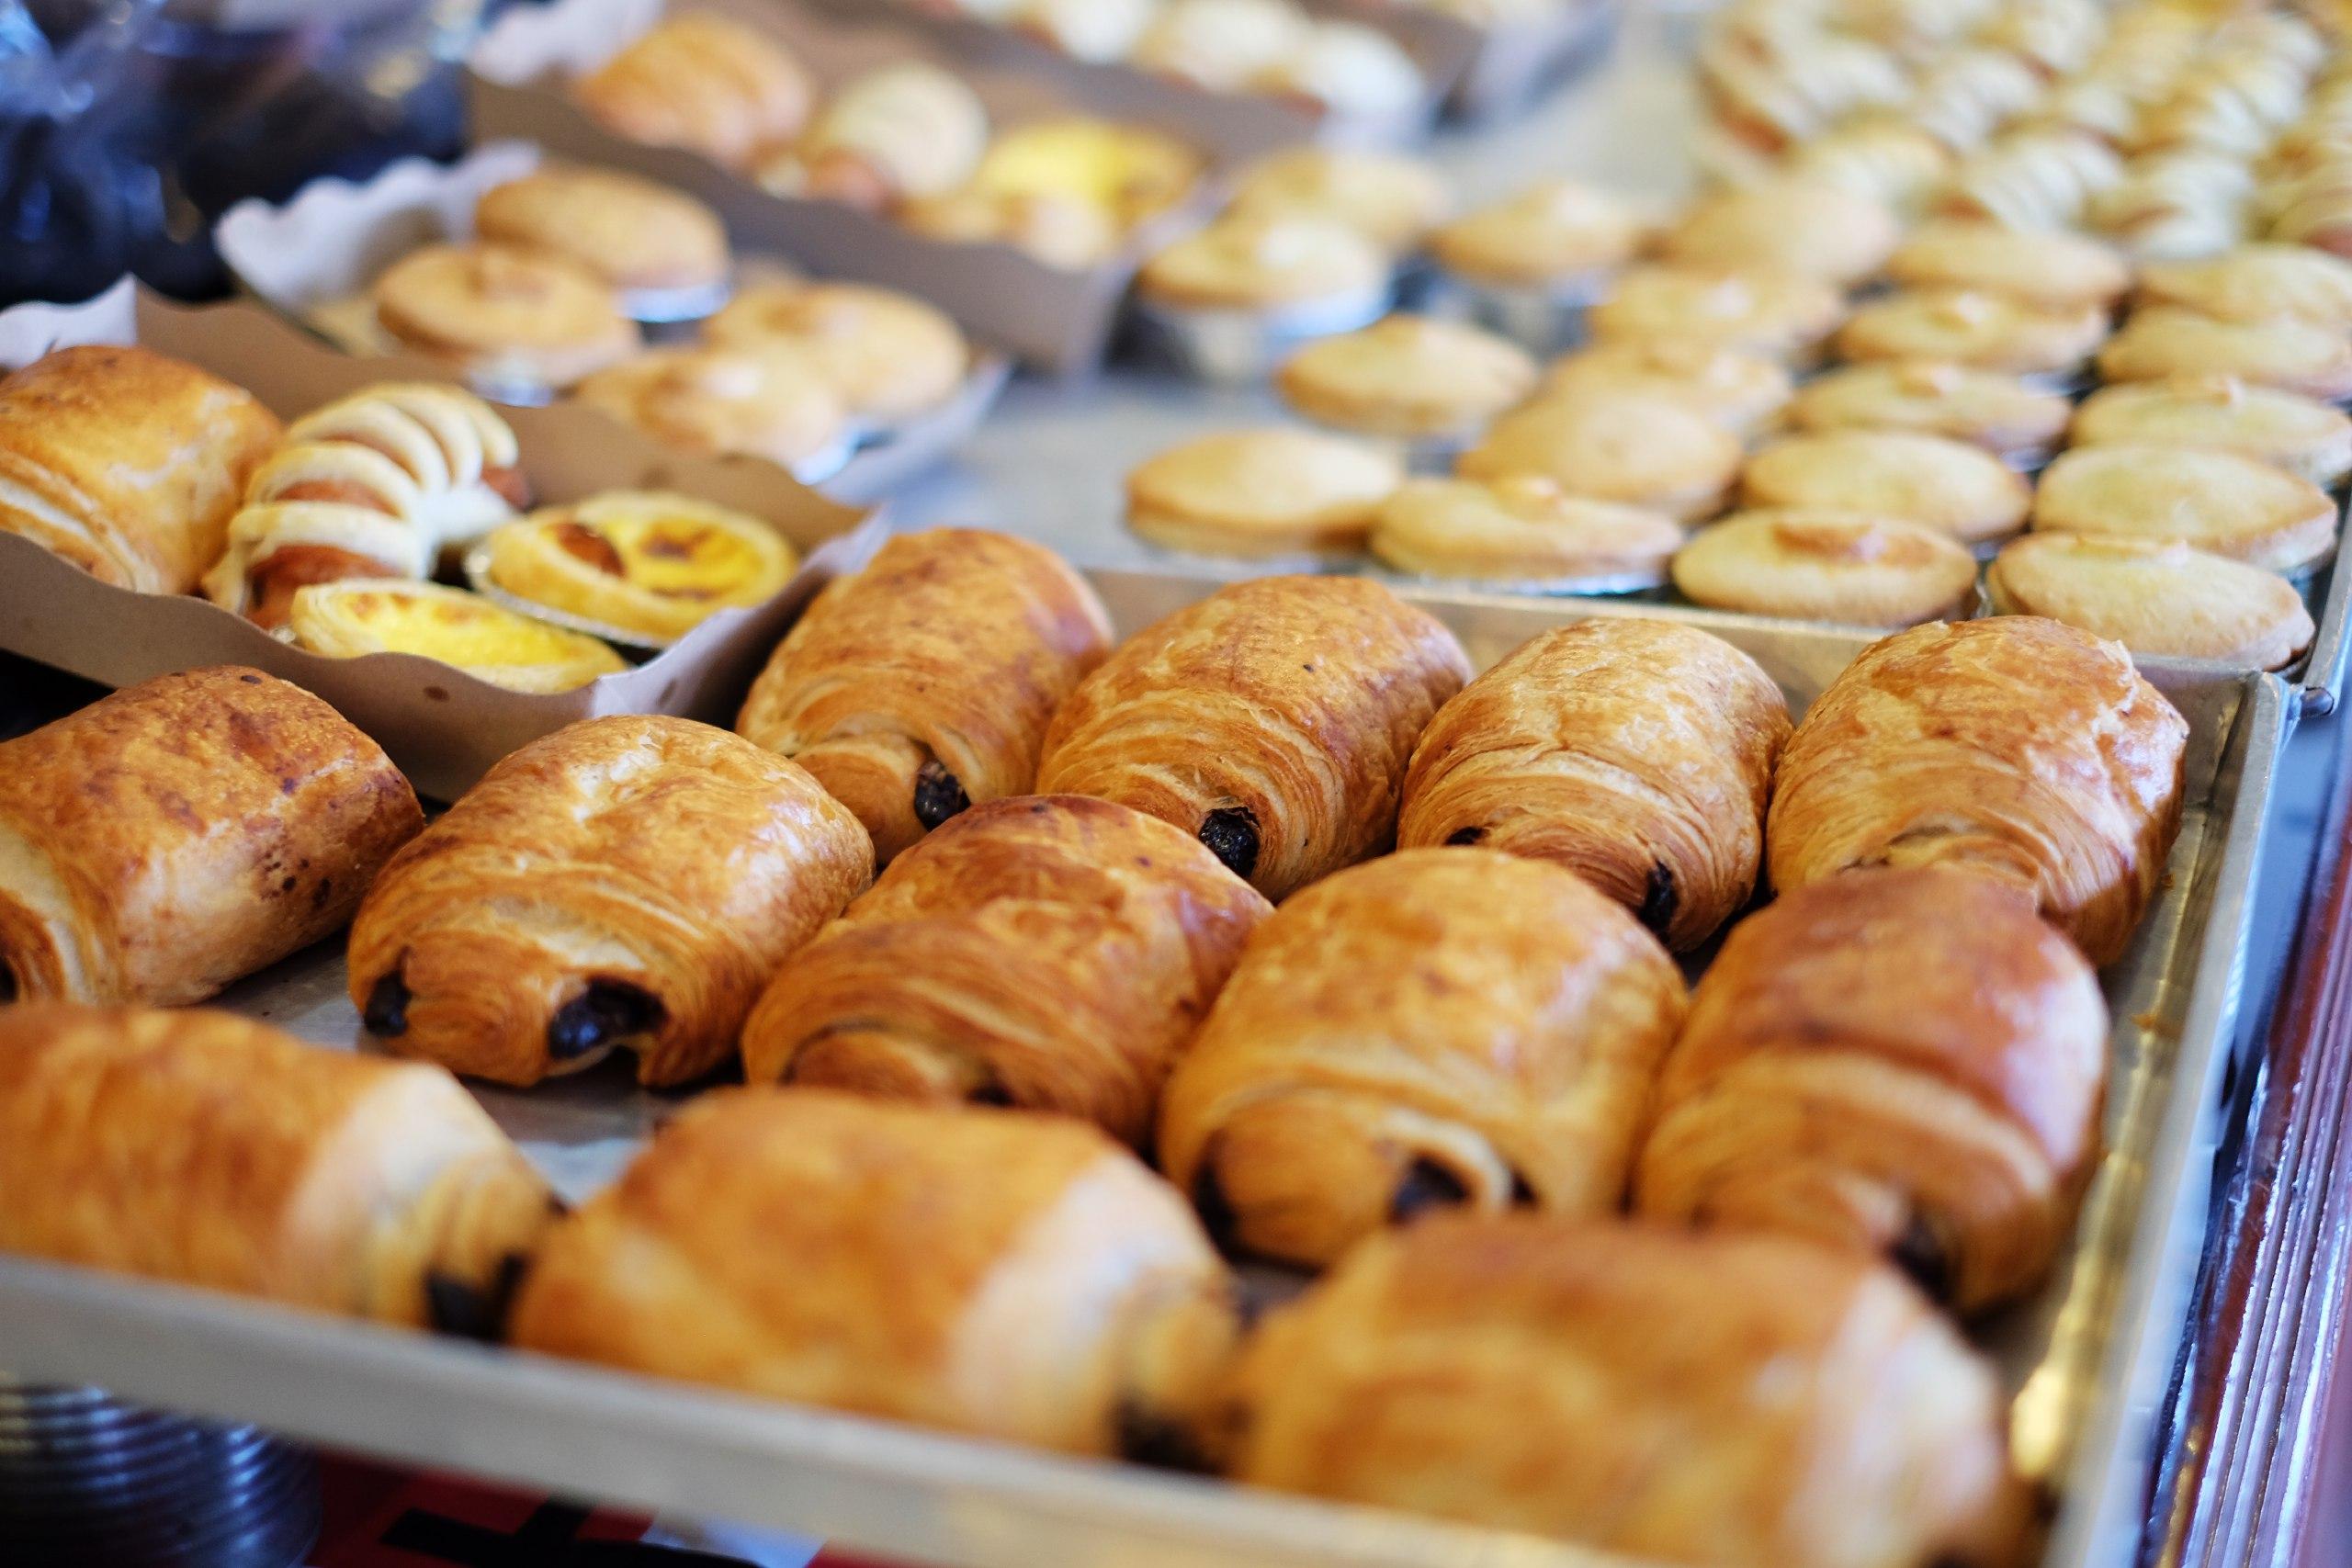 Bakery pipeline. Photo by Mink Mingle on Unsplash